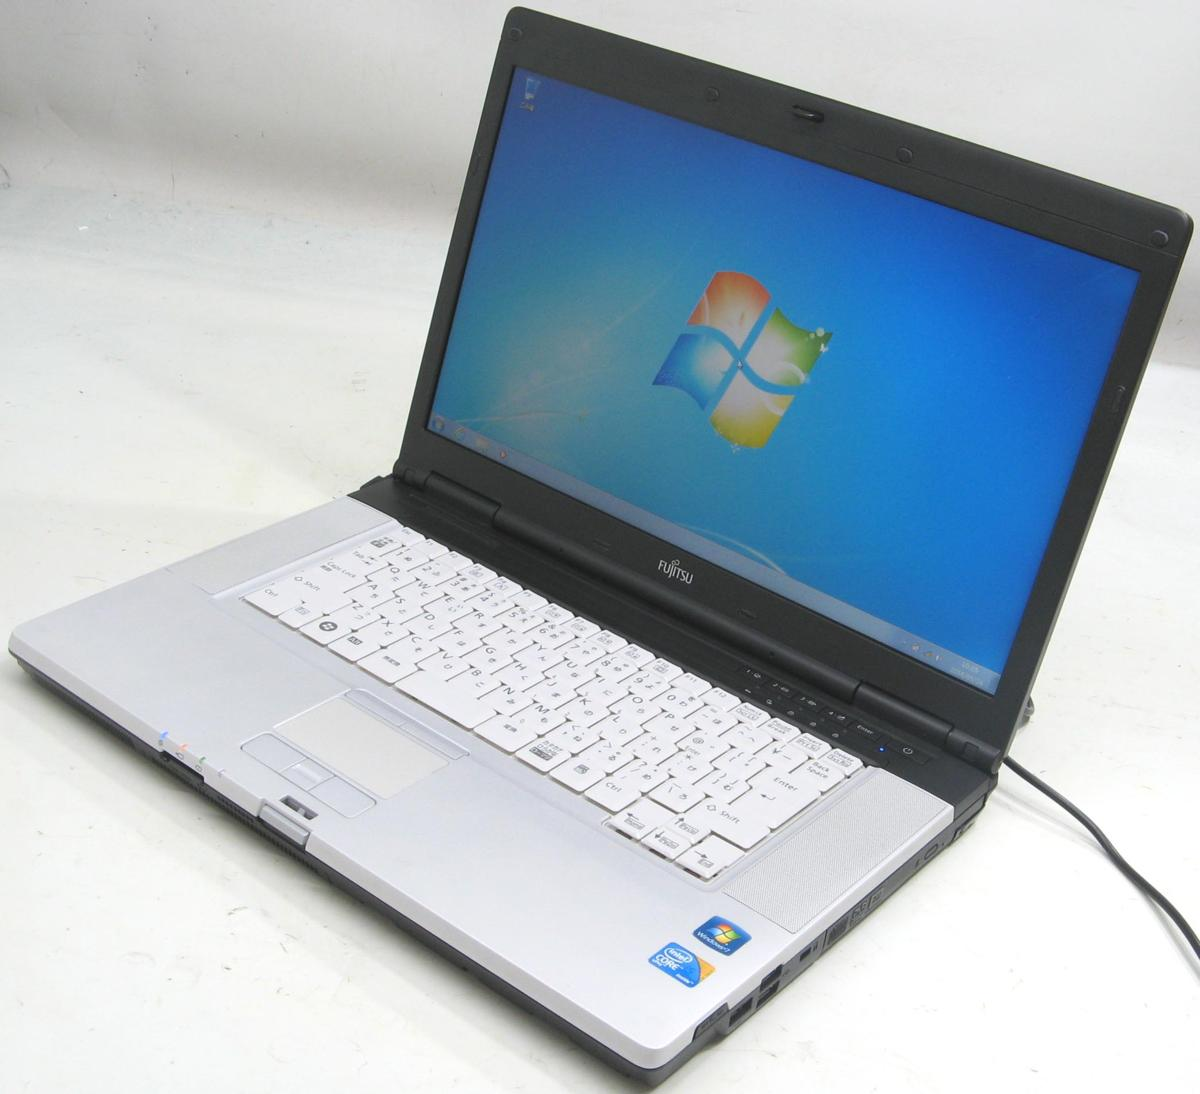 中古ノートパソコン 富士通 Lifebook E780/A FMVNE2TE(富士通 Windows10 Corei5 DVDスーパーマルチドライブ グラボ ビデオカード)【中古】【中古パソコン/中古PC】